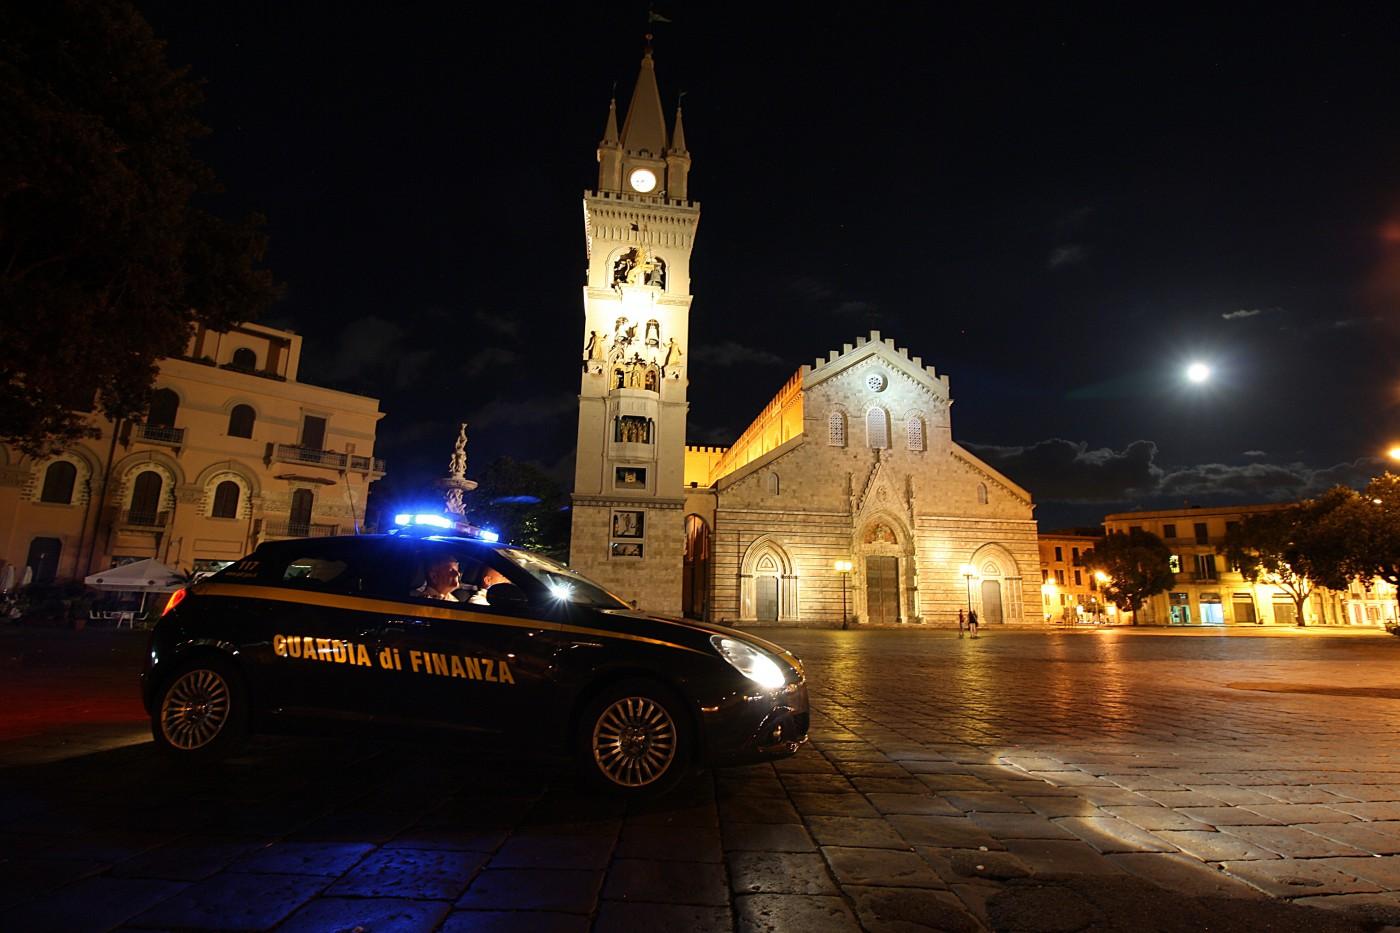 Foto di una vettura della guardia di finanza a piazza Duomo di notte